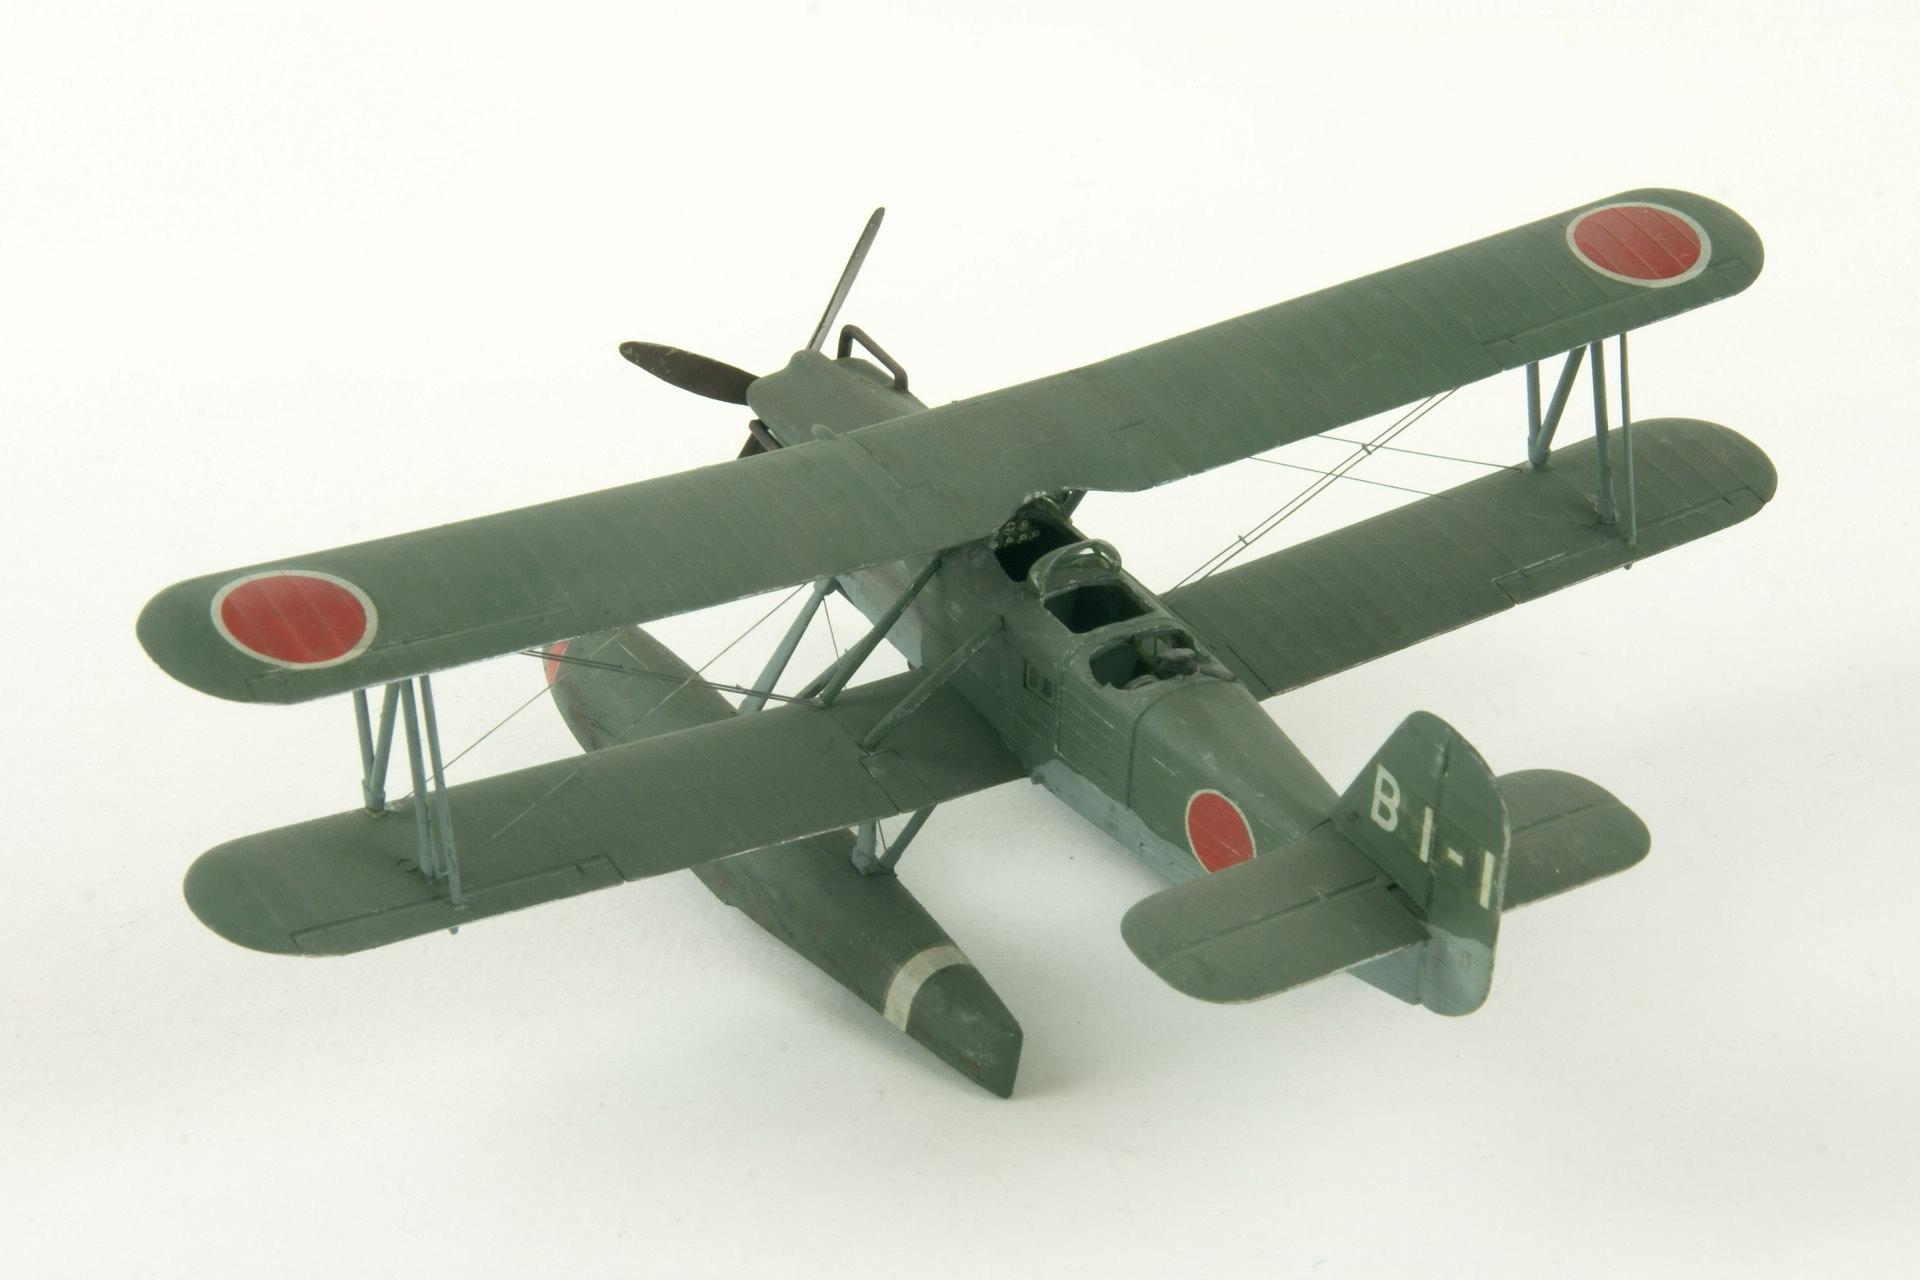 Kawanishi e7k1 alf 2